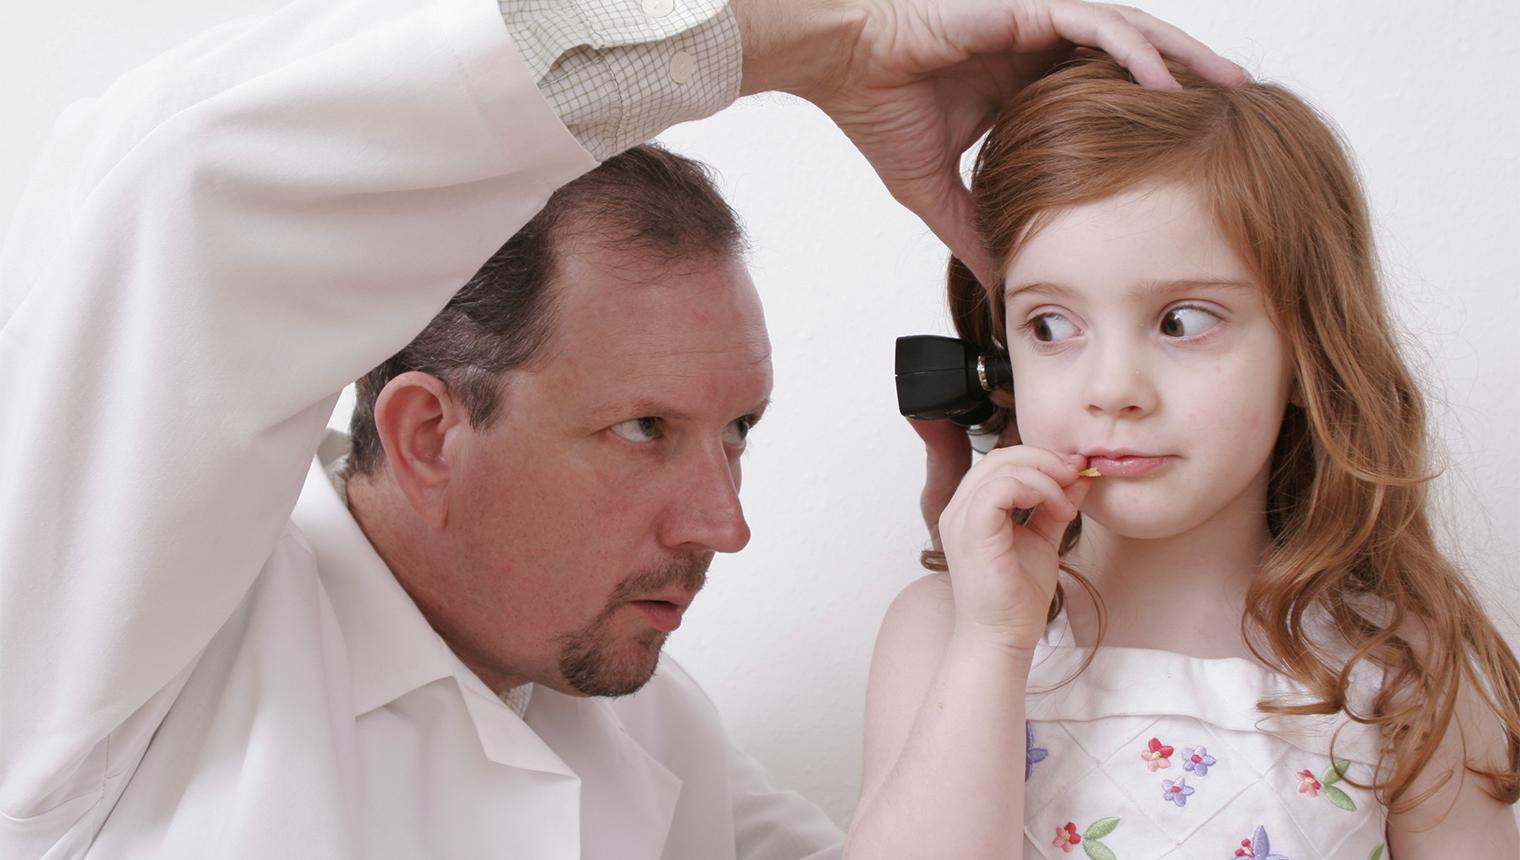 Chóng mặt ở trẻ em cần được quan tâm và phát hiện kịp thời